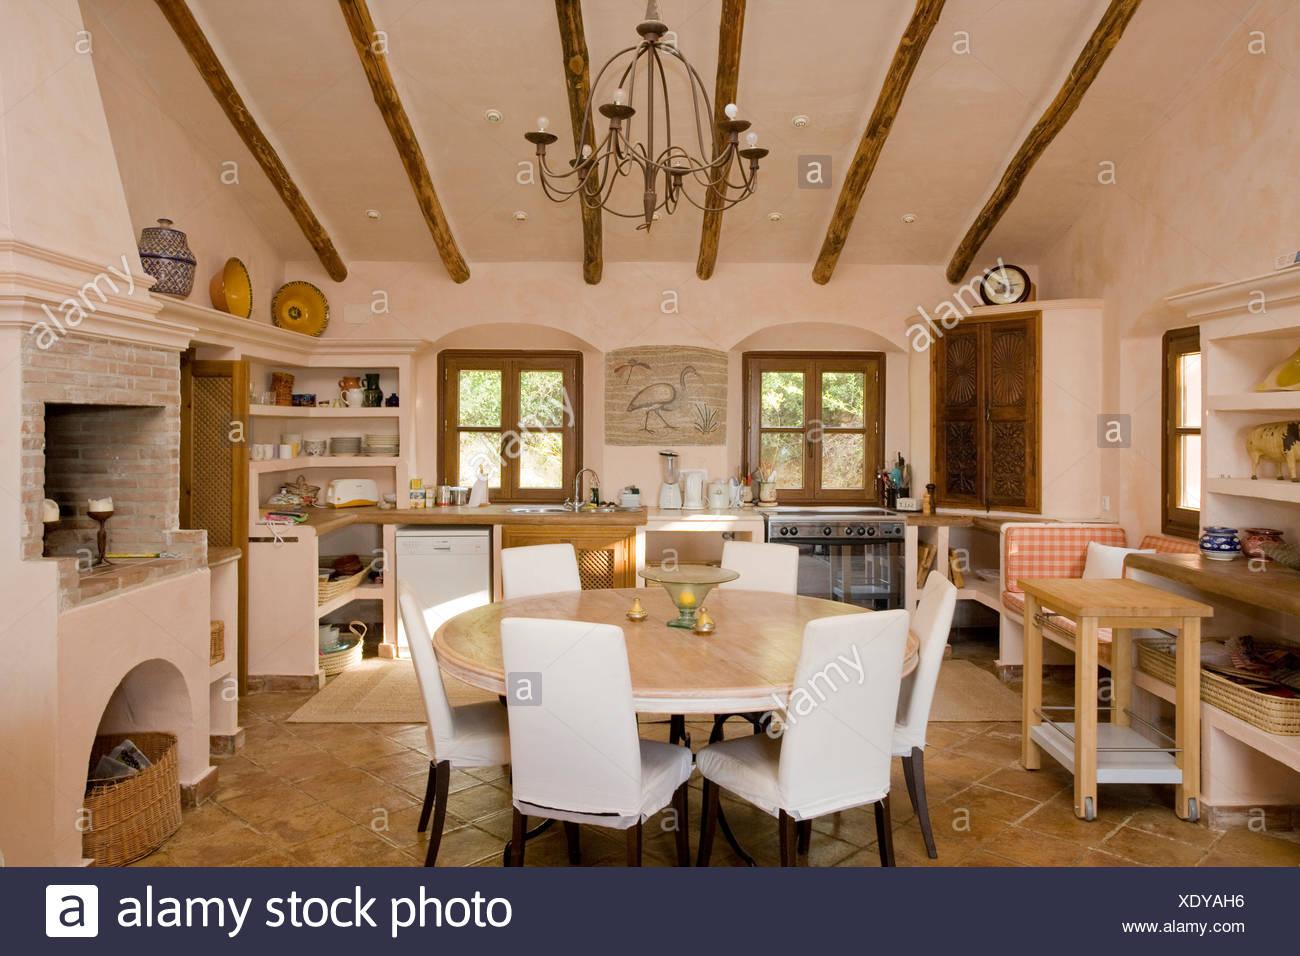 Sala Da Pranzo Rustica : Loosecovers bianco su sedie a tavola circolare in spagnolo rustica